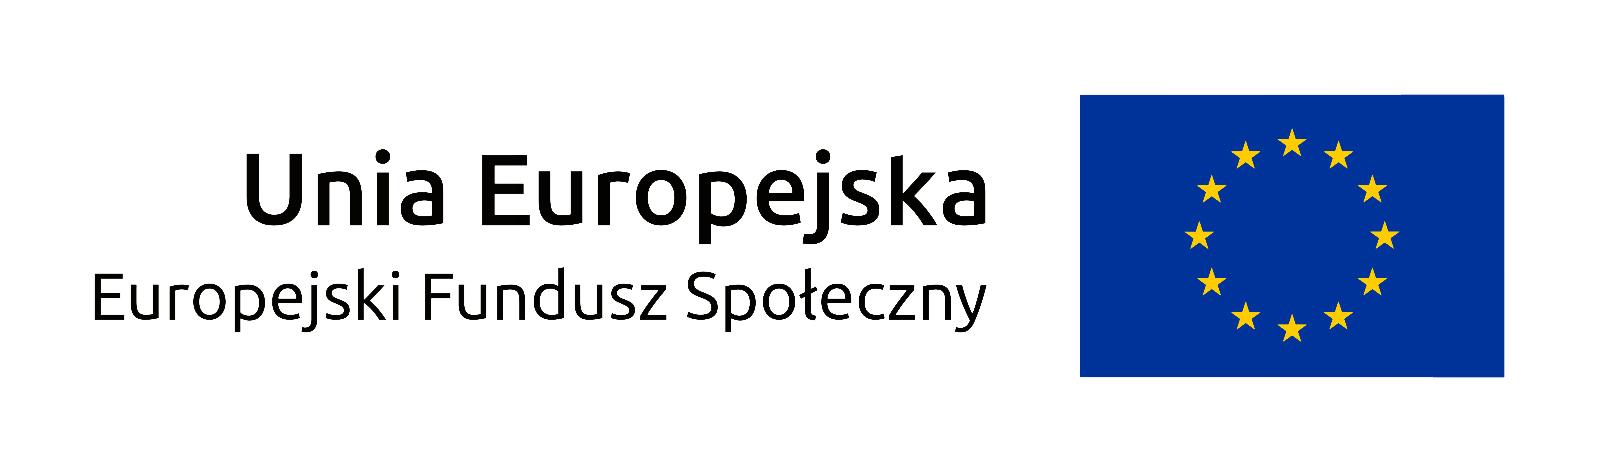 http://mistrzowskiezmiany.pl/wp-content/uploads/2021/09/Logotyp_Europejski_Fundusz_Spoleczny